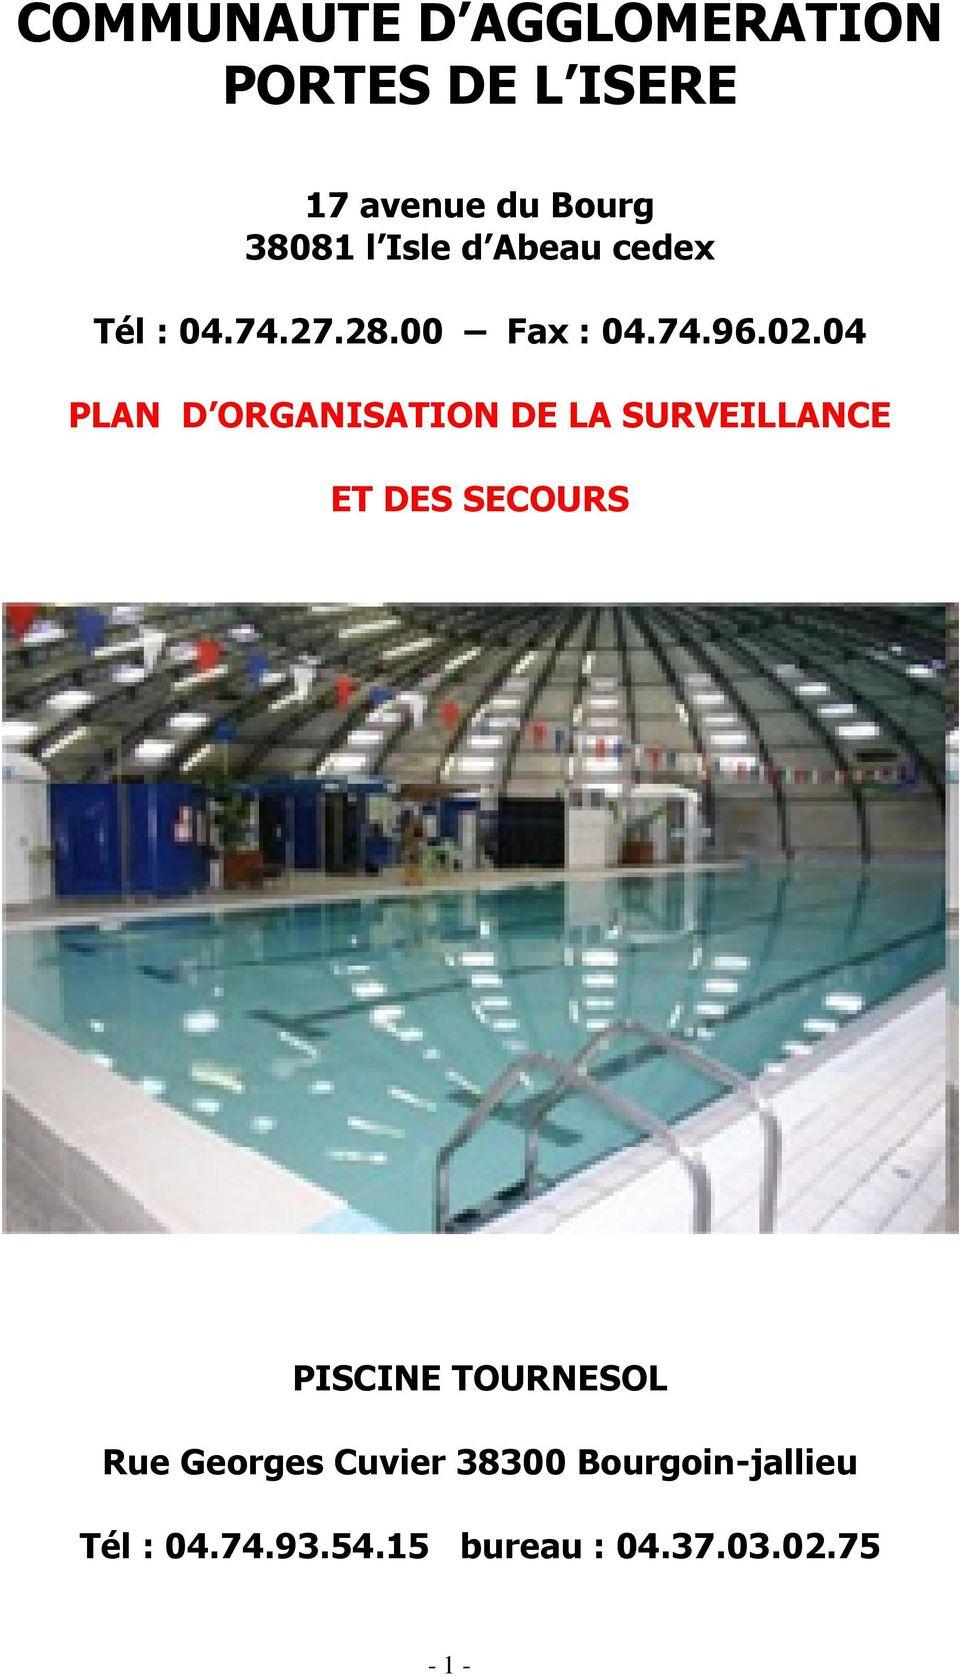 Communaute D Agglomeration Portes De L Isere - Pdf Free Download à Piscine Bourgoin Jallieu